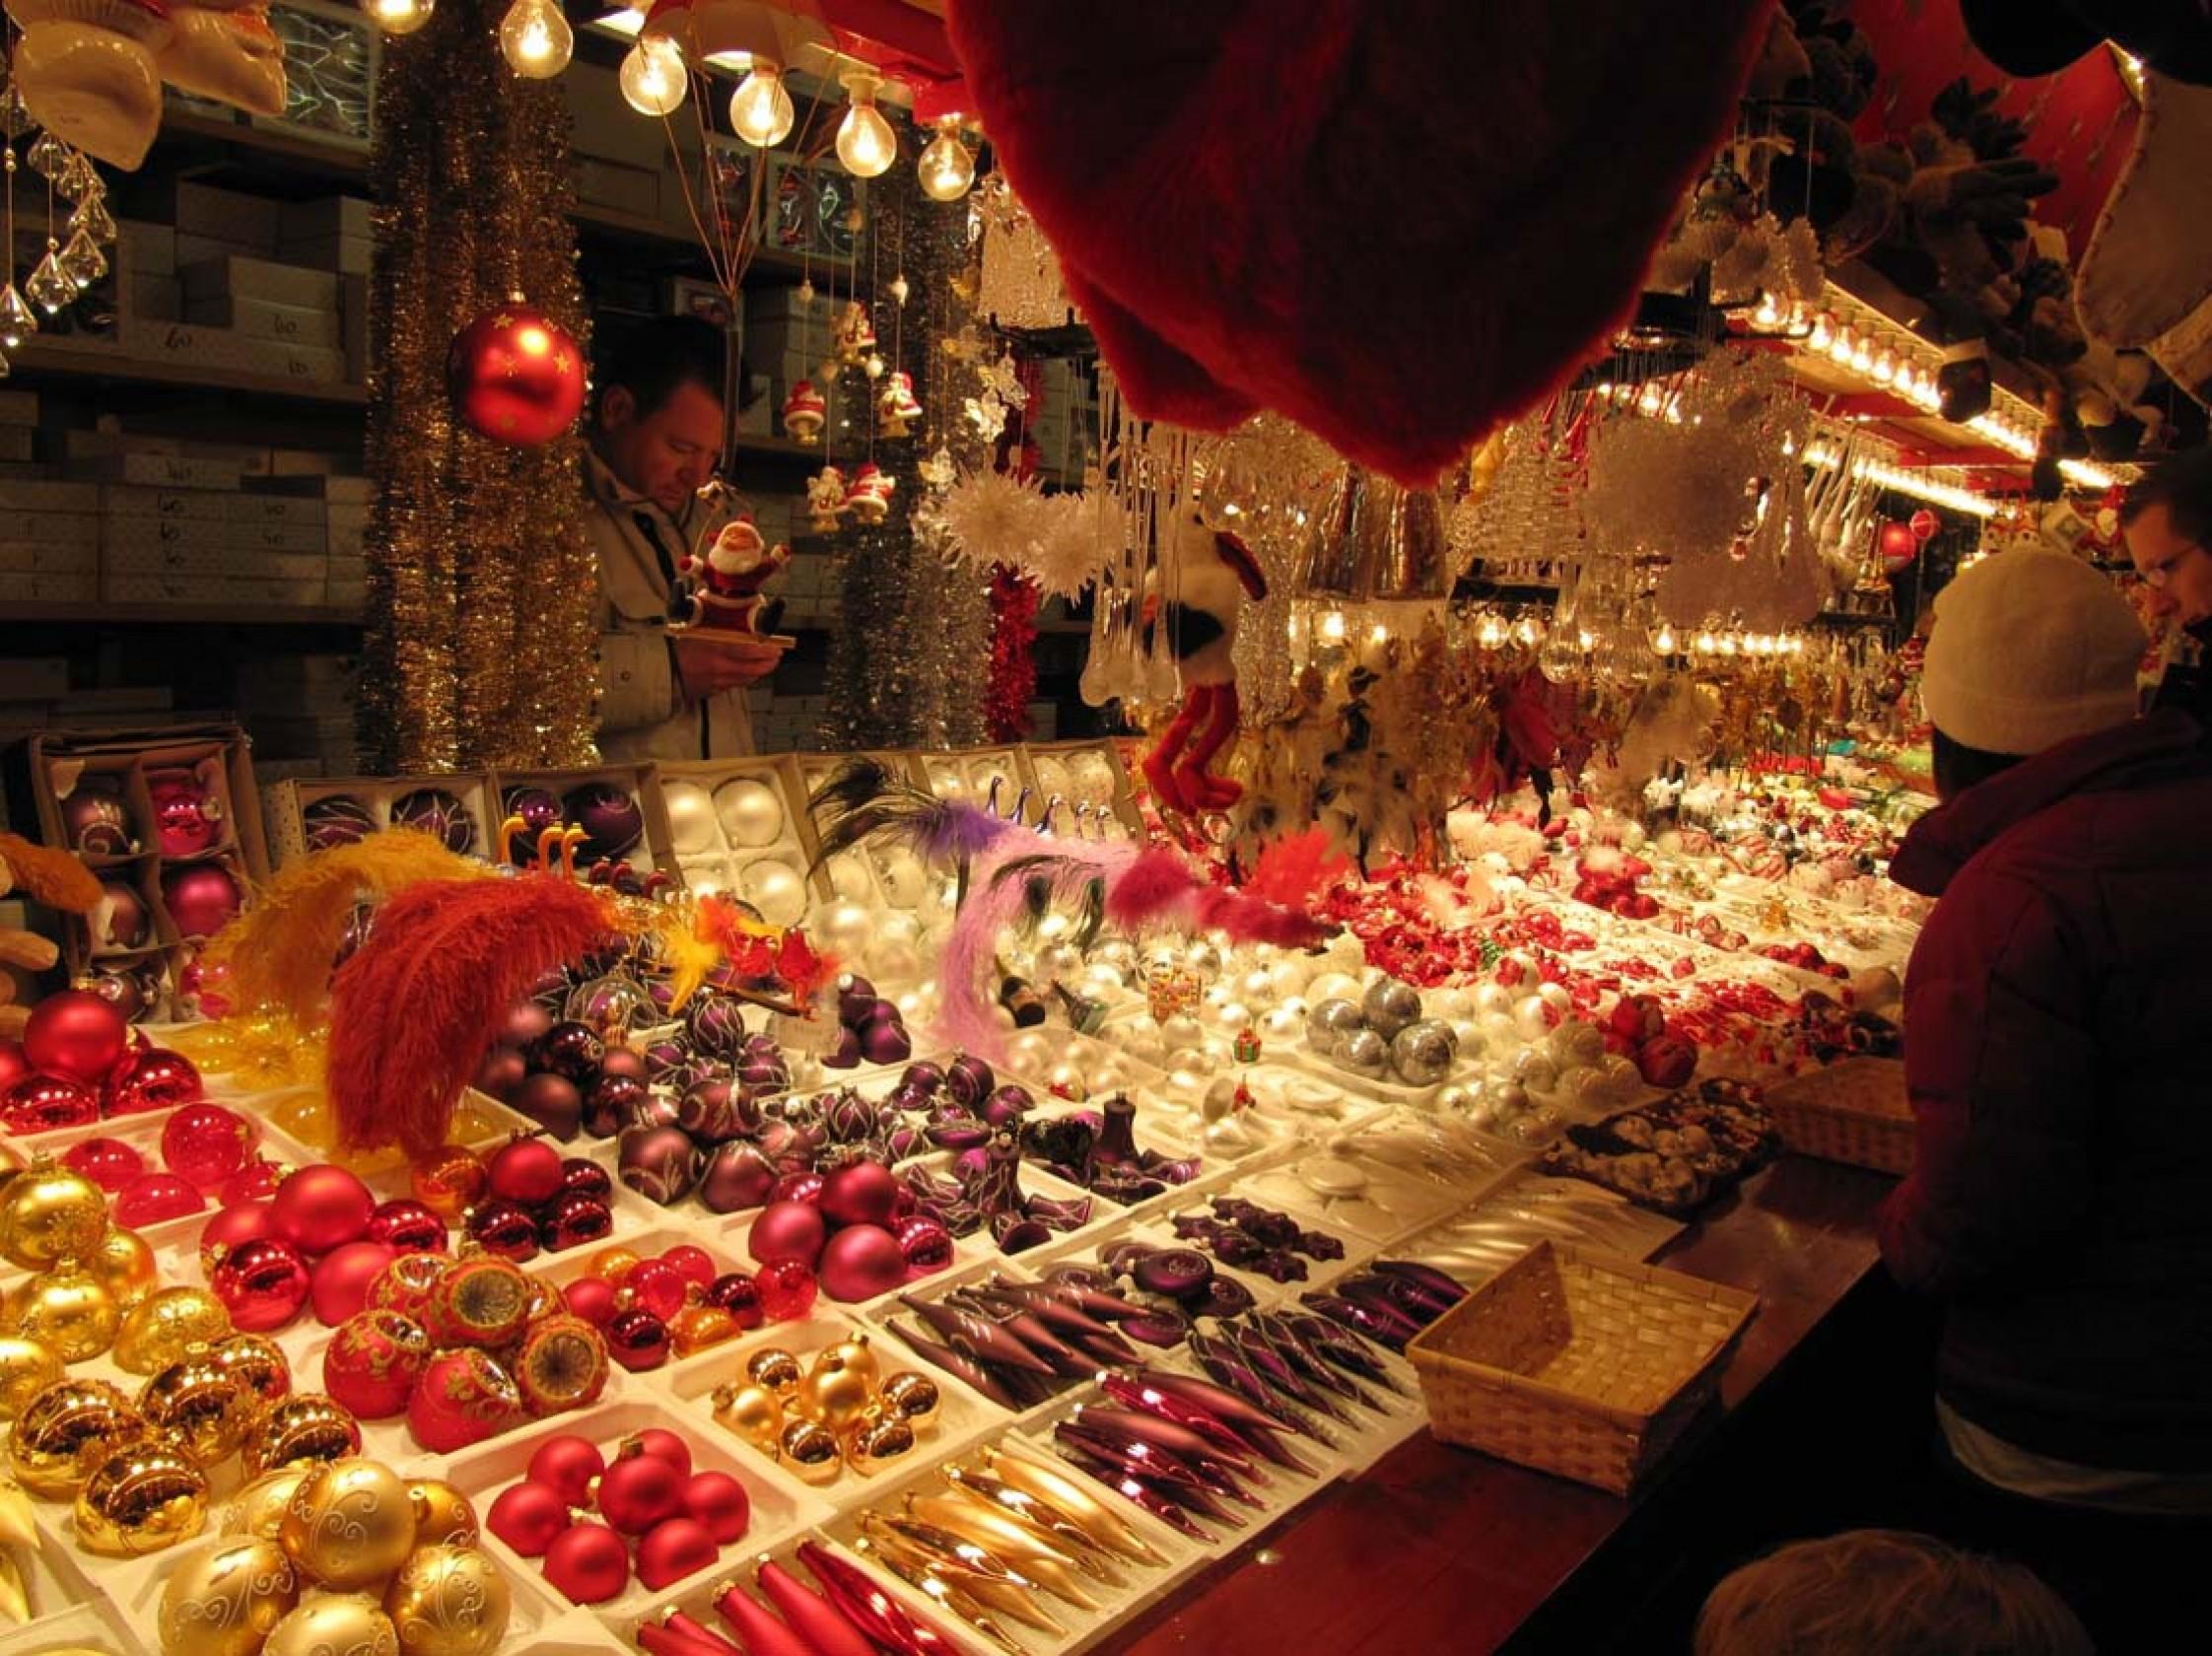 Le marché de Noël de Strasbourg : un incontournable des fêtes de fin d'année